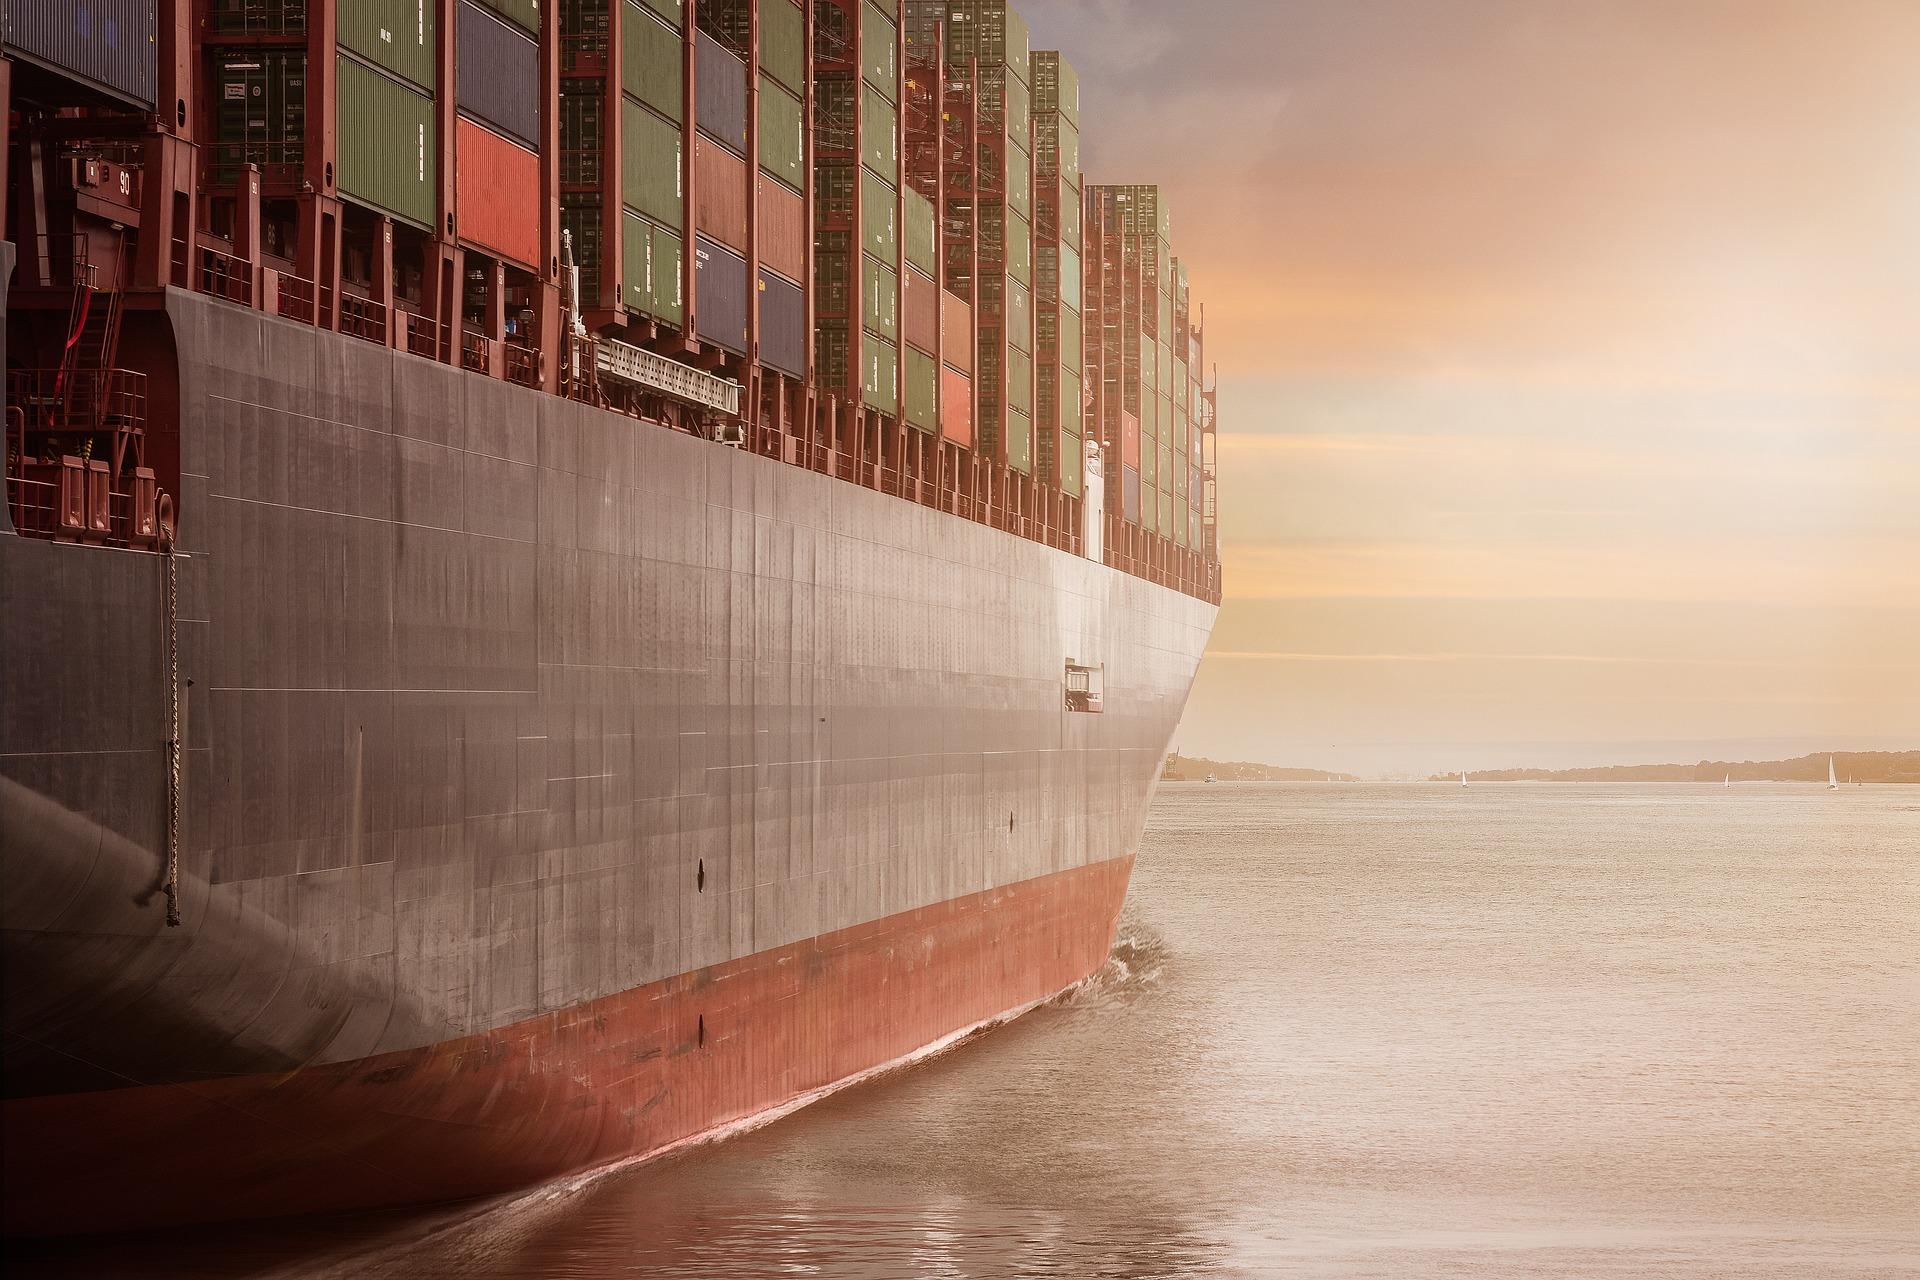 Trasporto marittimo, via libera UE alle misure italiane del Registro Internazionale